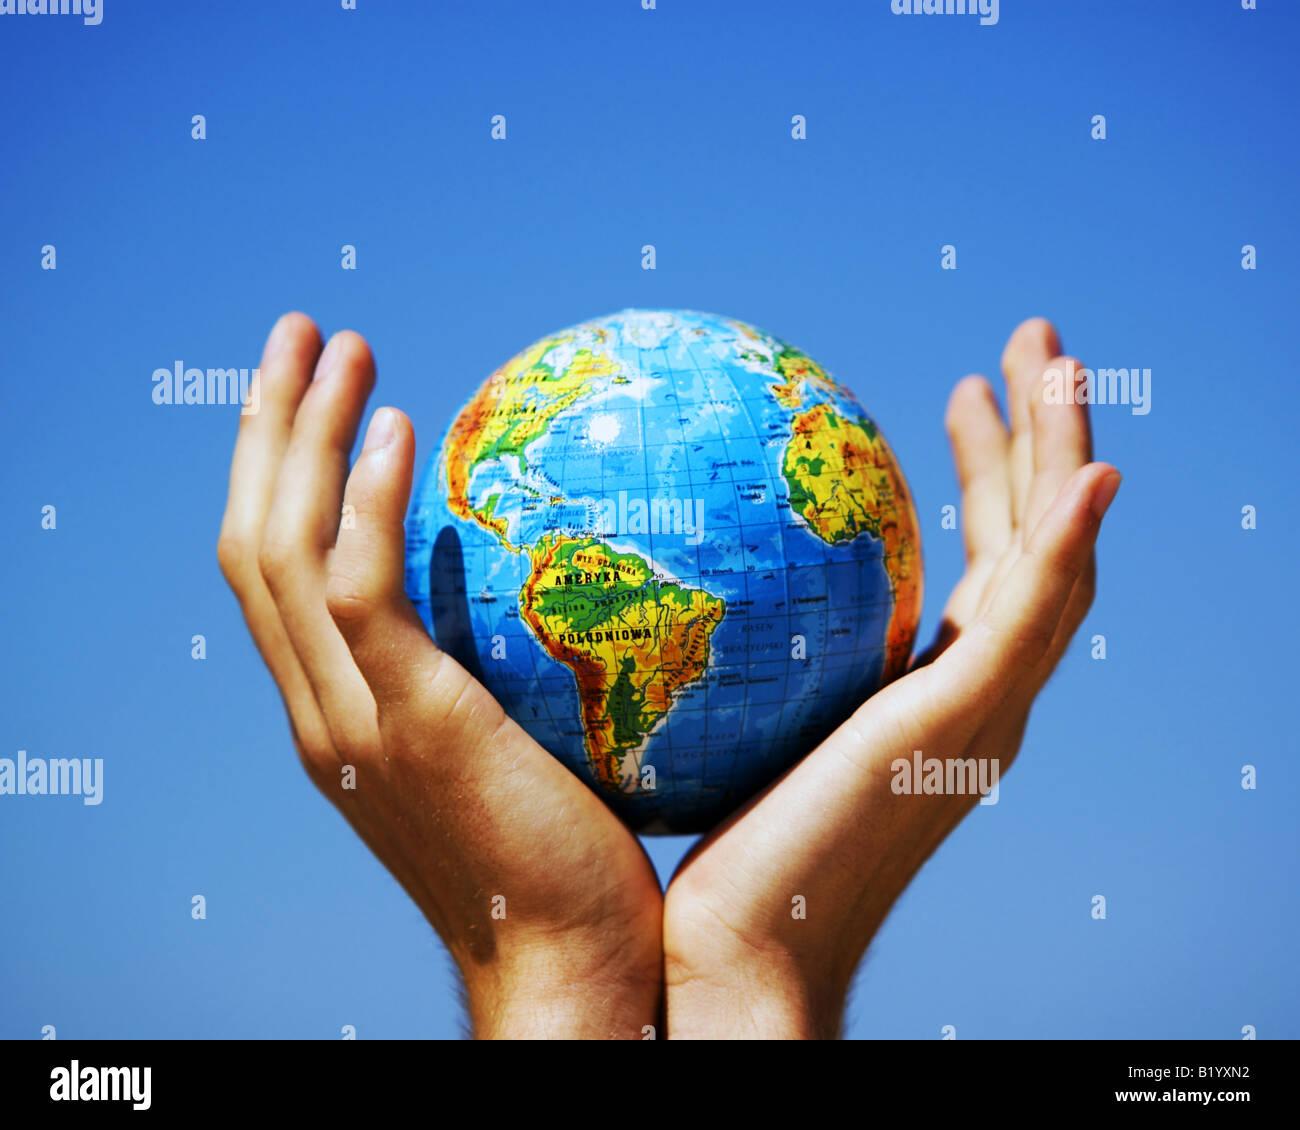 Globe de la terre dans les mains protégées. Globe protection concept, le recyclage, les enjeux mondiaux, Photo Stock